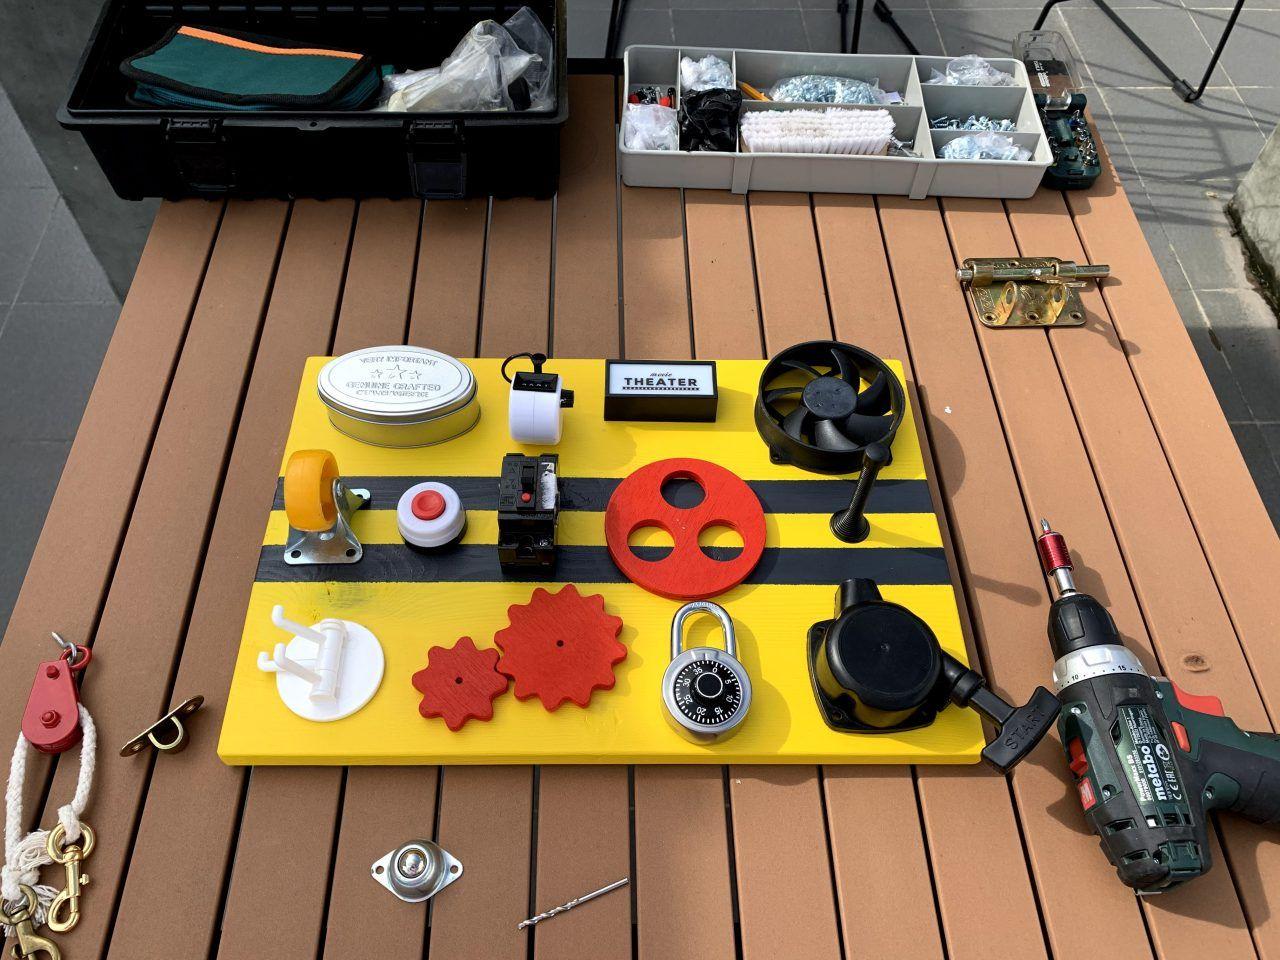 """making fidget board busy board sensory board educational DIY toy for big kid 忙板 ビジーボード """"幼児学習ボード 幼児ビジーボード 赤ちゃんの細かい運動能力を練習するための多機能教育玩具、それにより、赤ちゃんはより良い手と目の調整を行うことができます """" 바쁜 보드"""